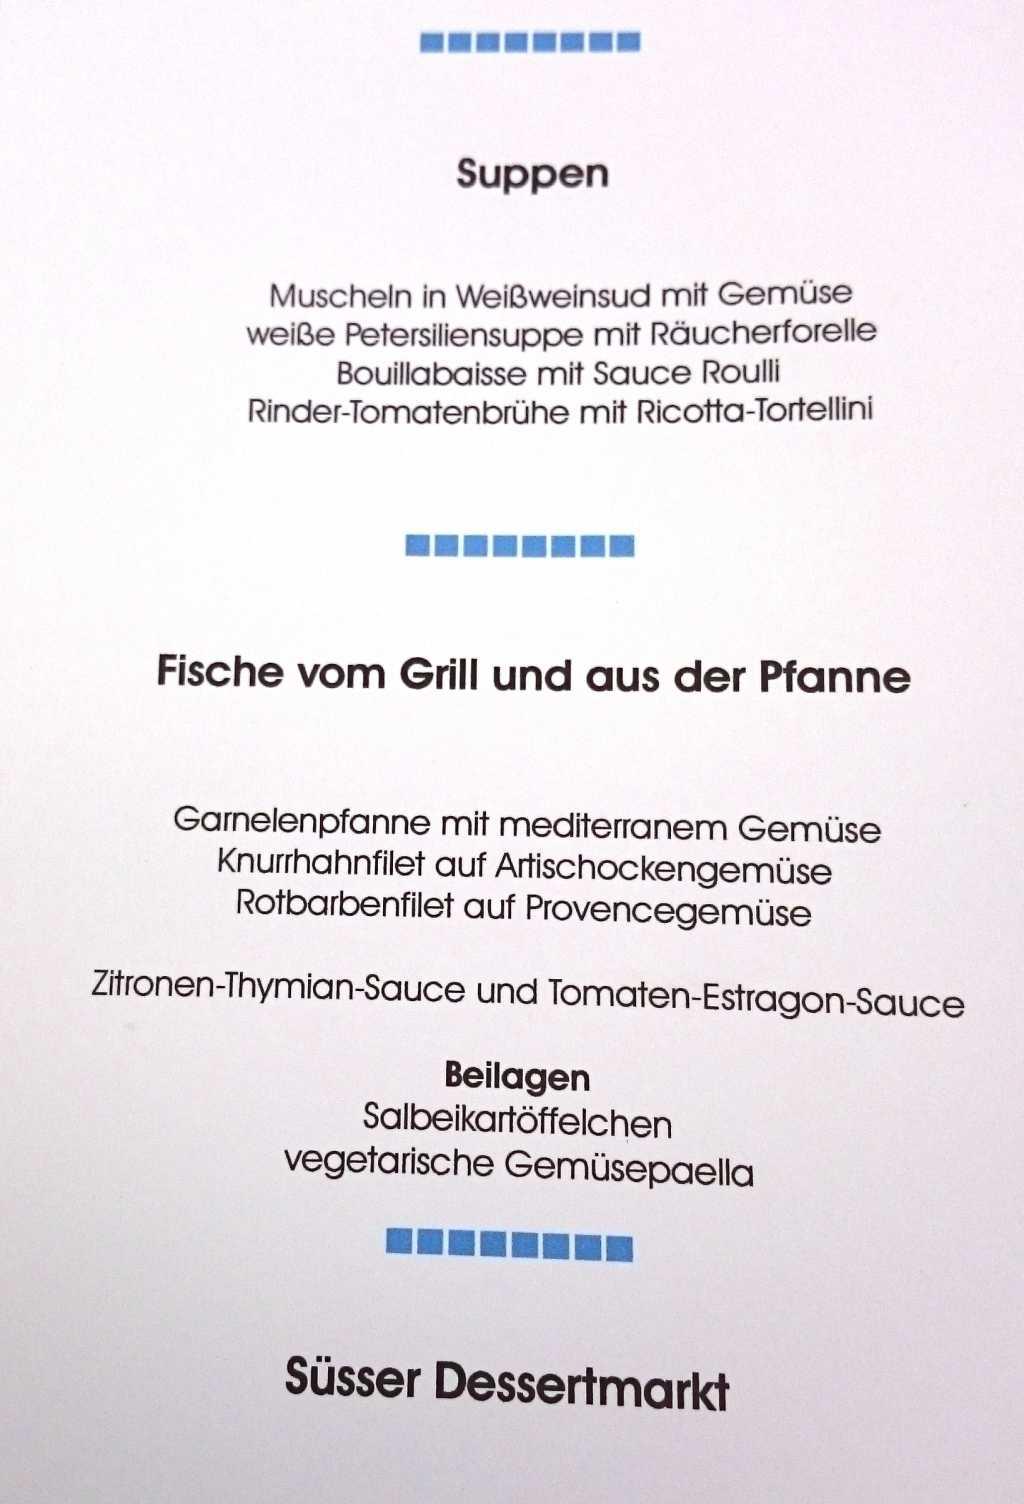 Suppen und Hauptspeisen am 08.09.17